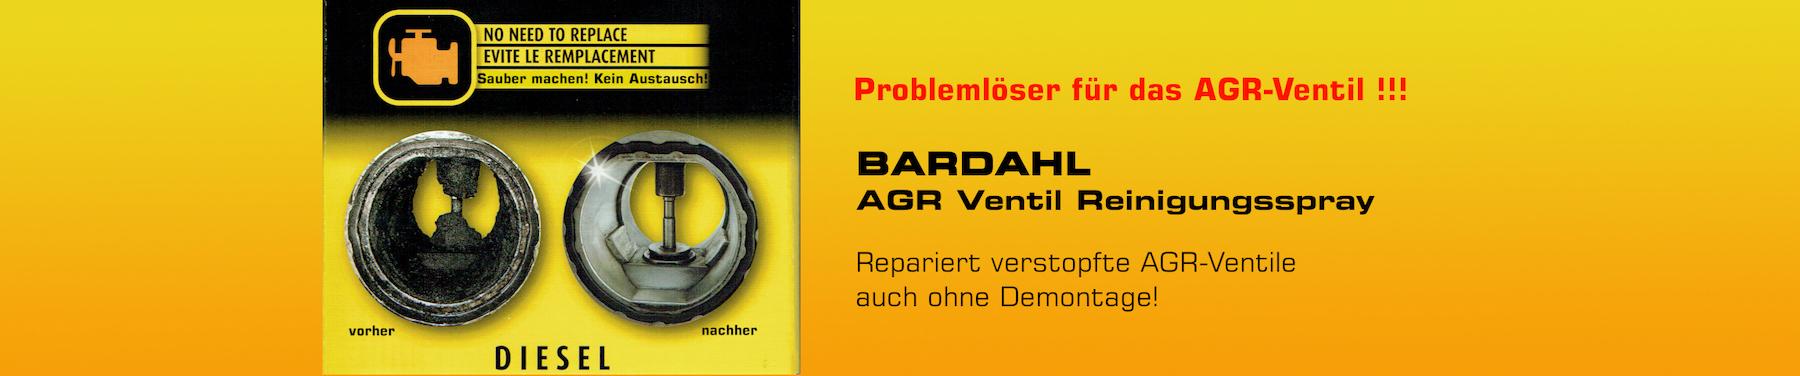 AGR-Ventilreinigung